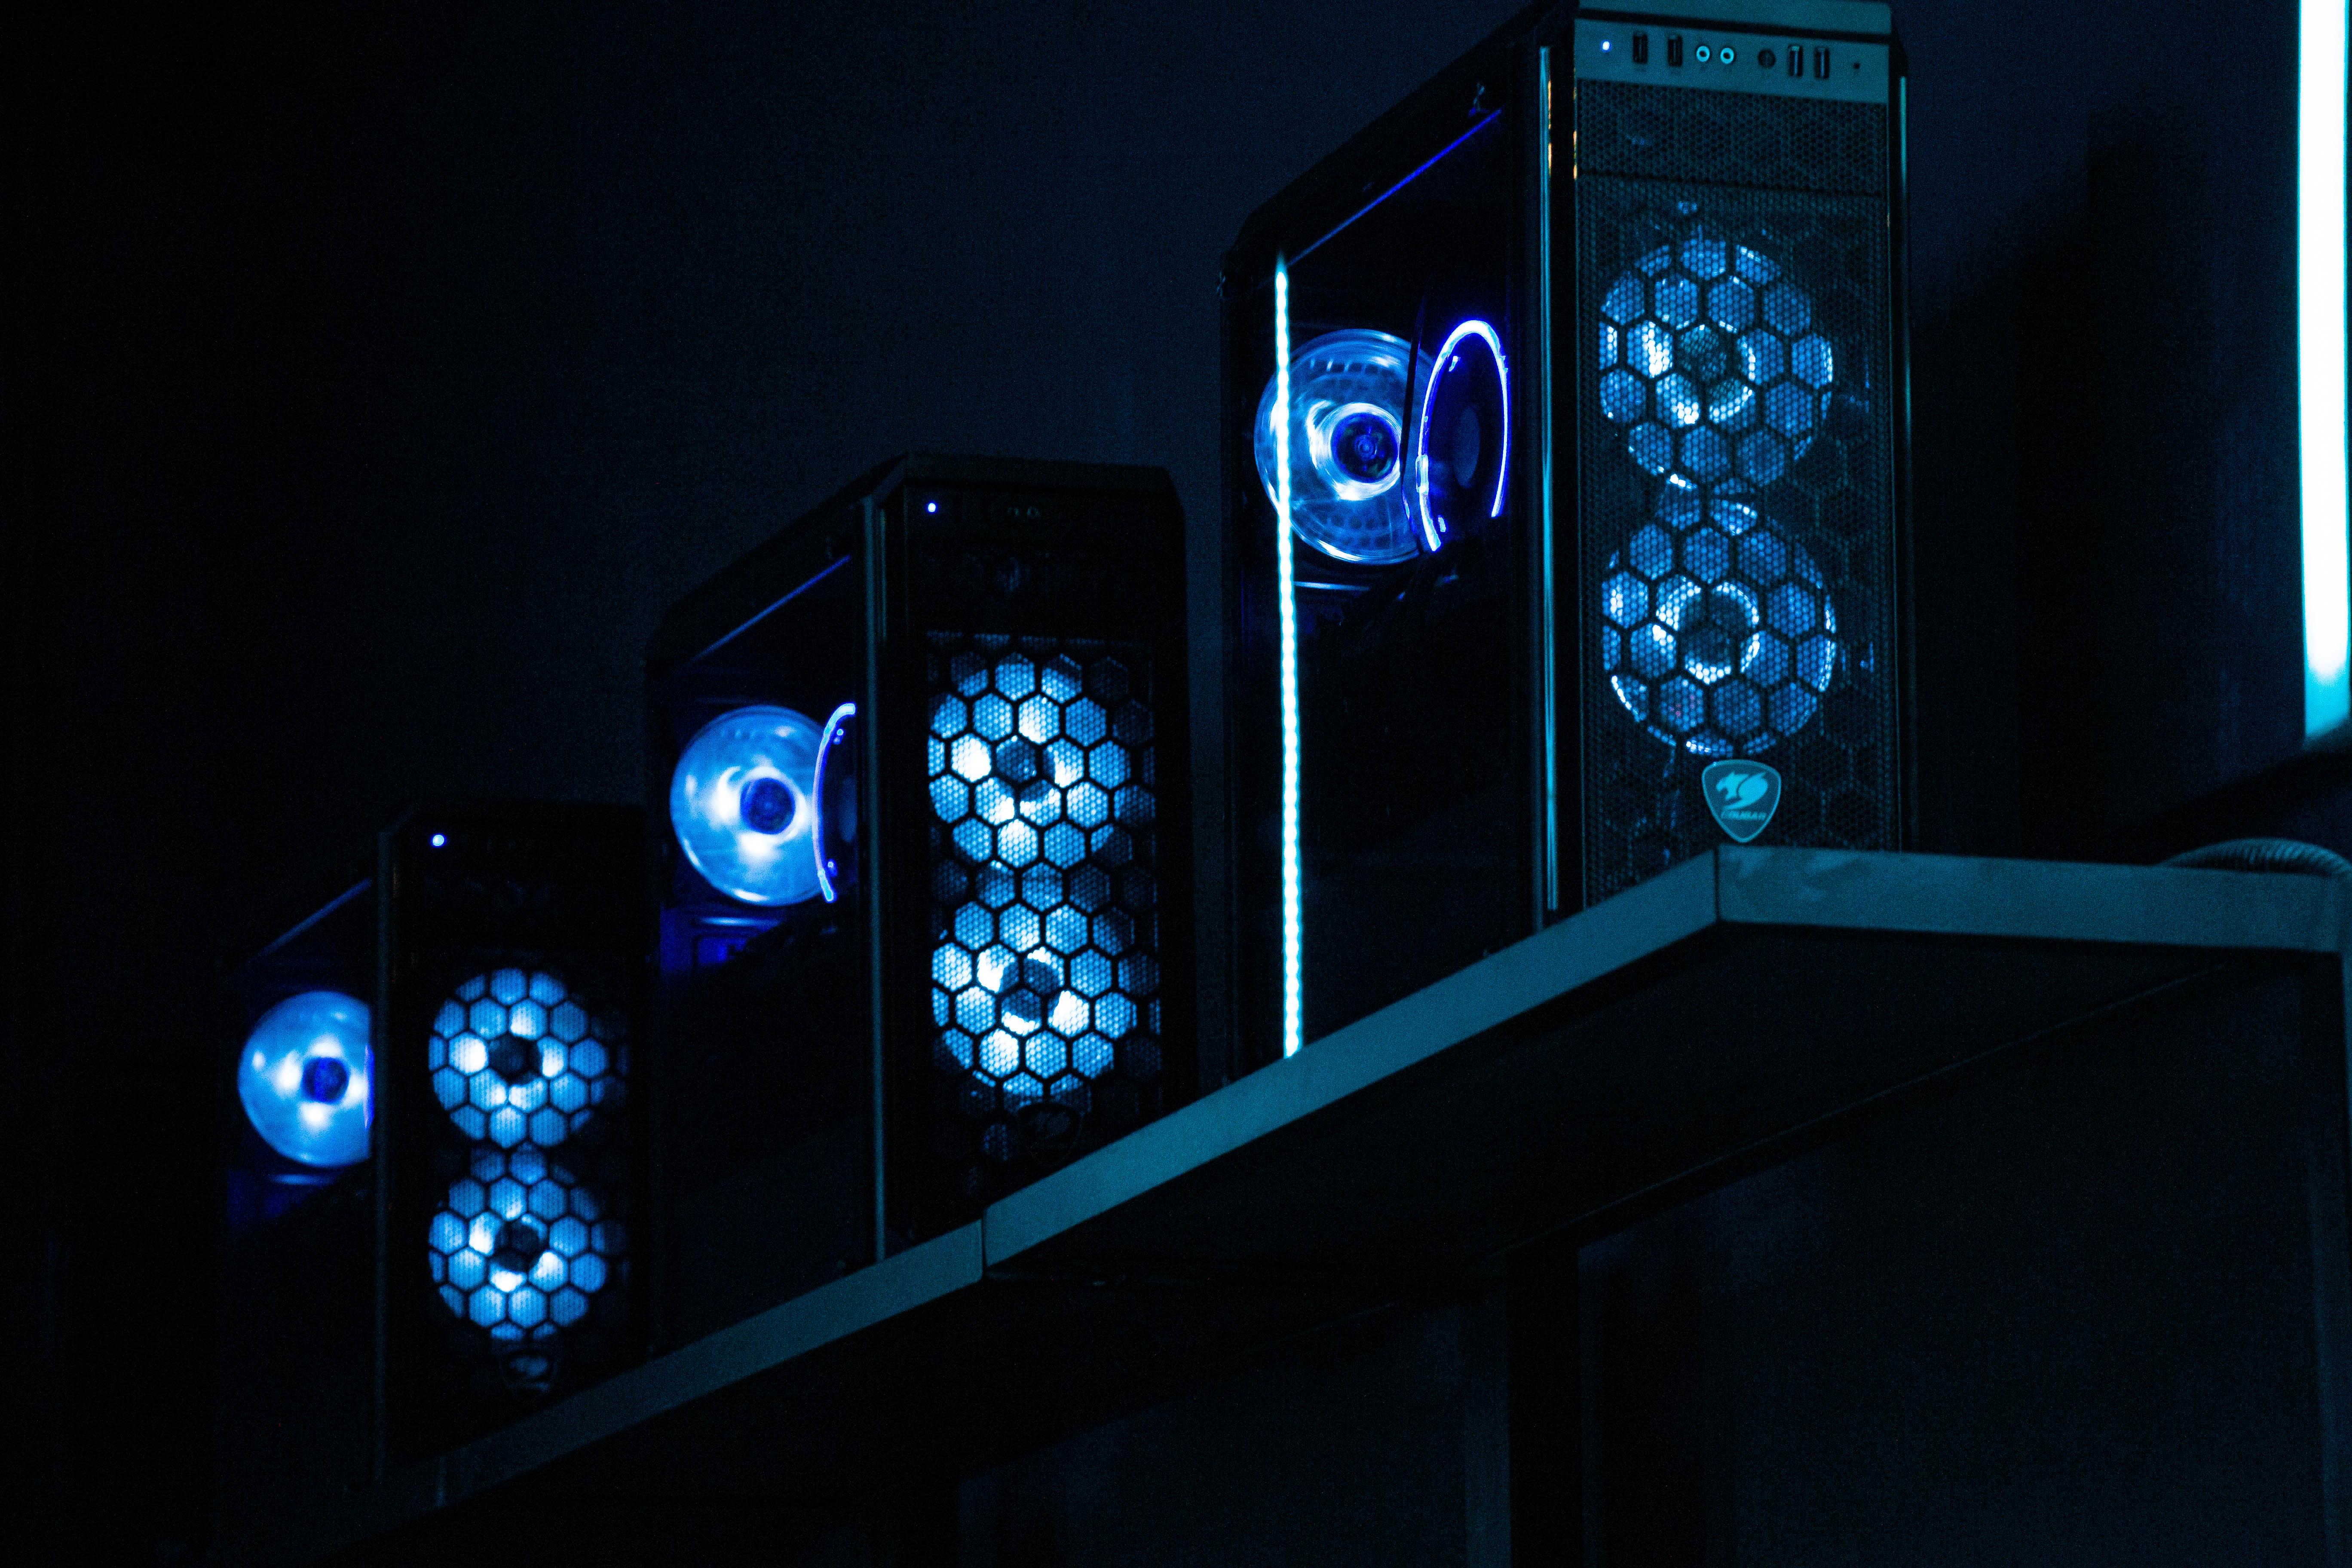 Портал компьютерный клуб москва в закрытом клубе видео